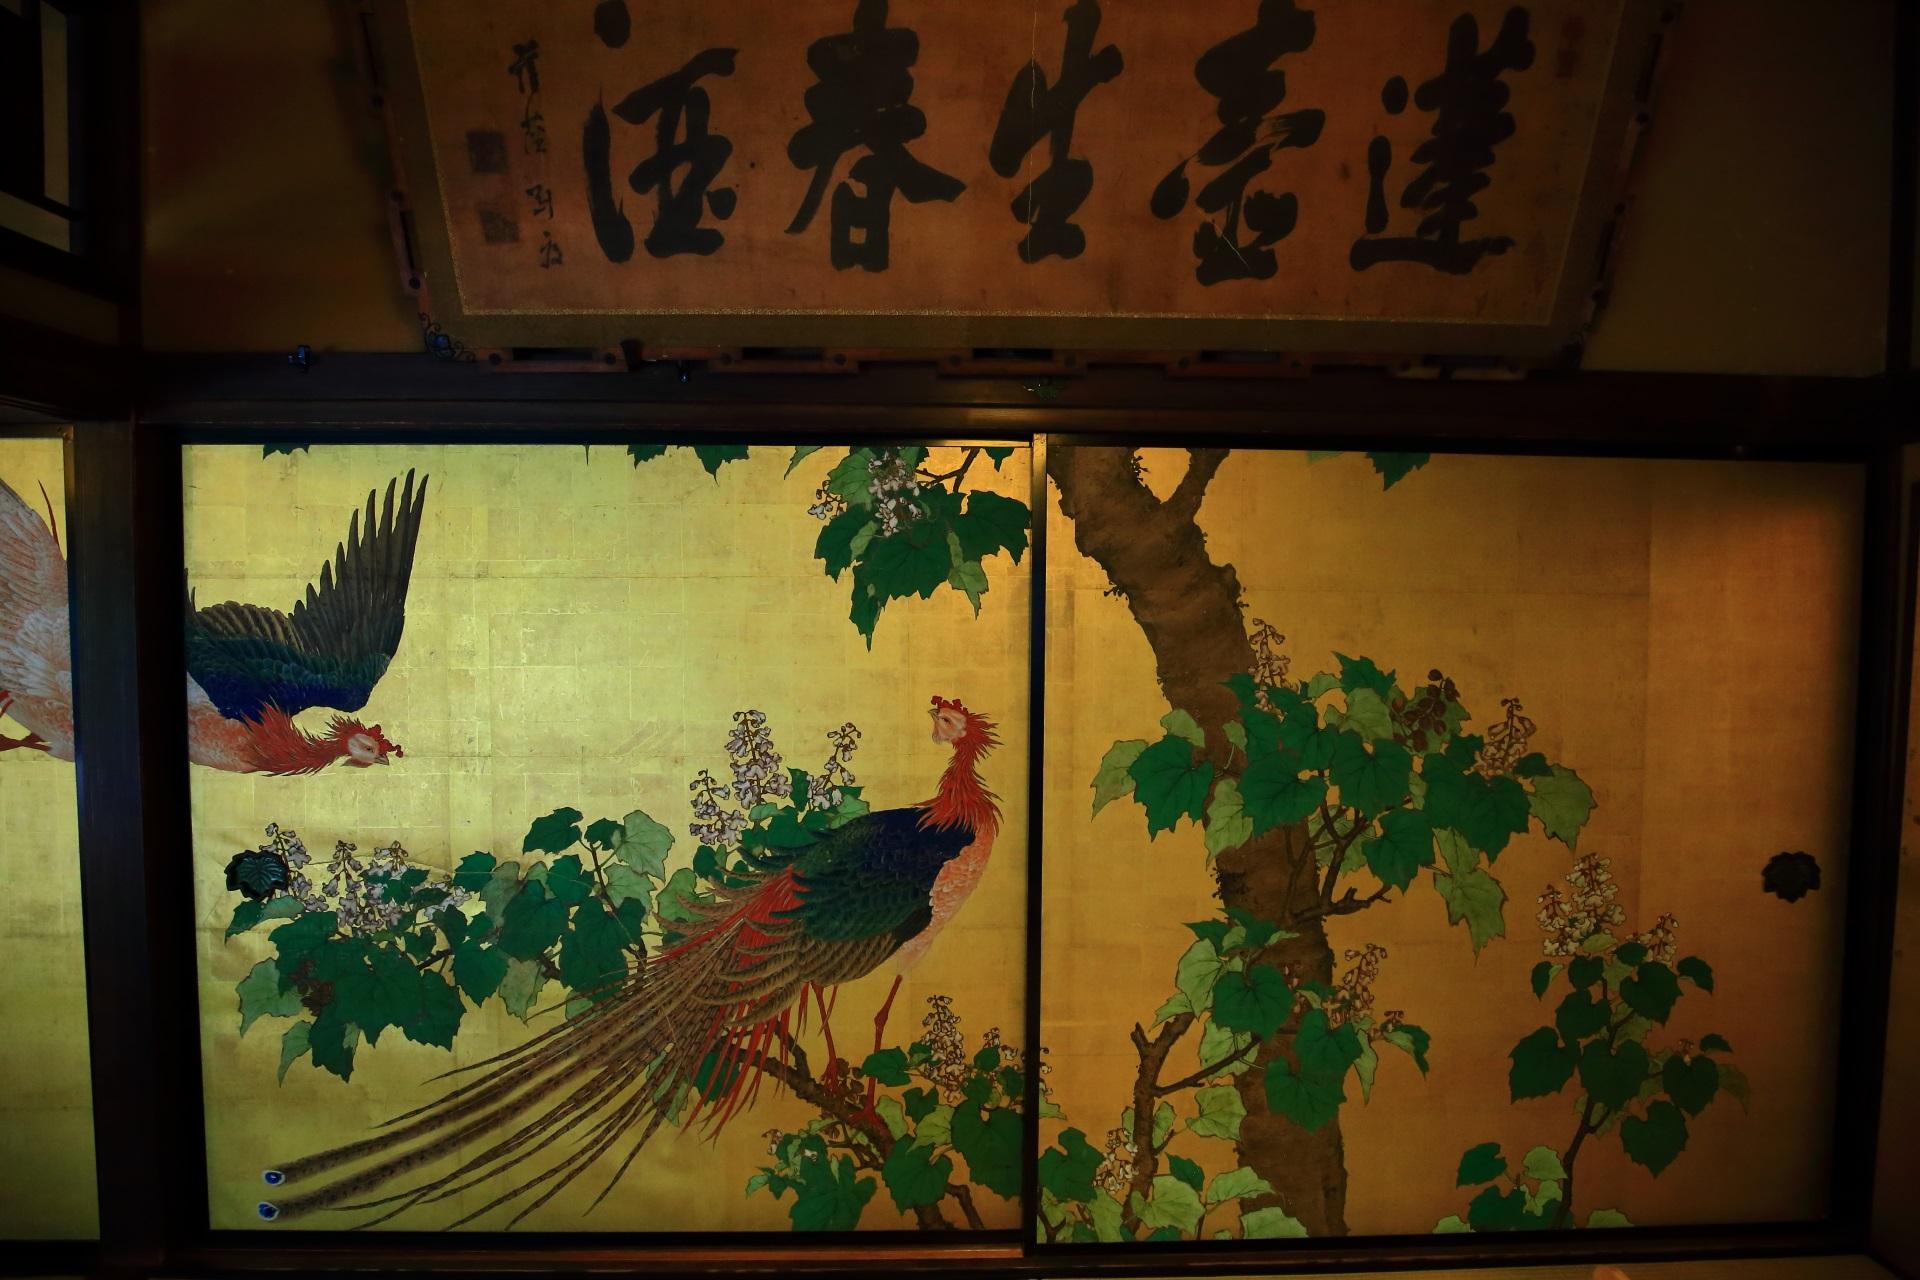 角屋の大座敷「松の間」の襖絵